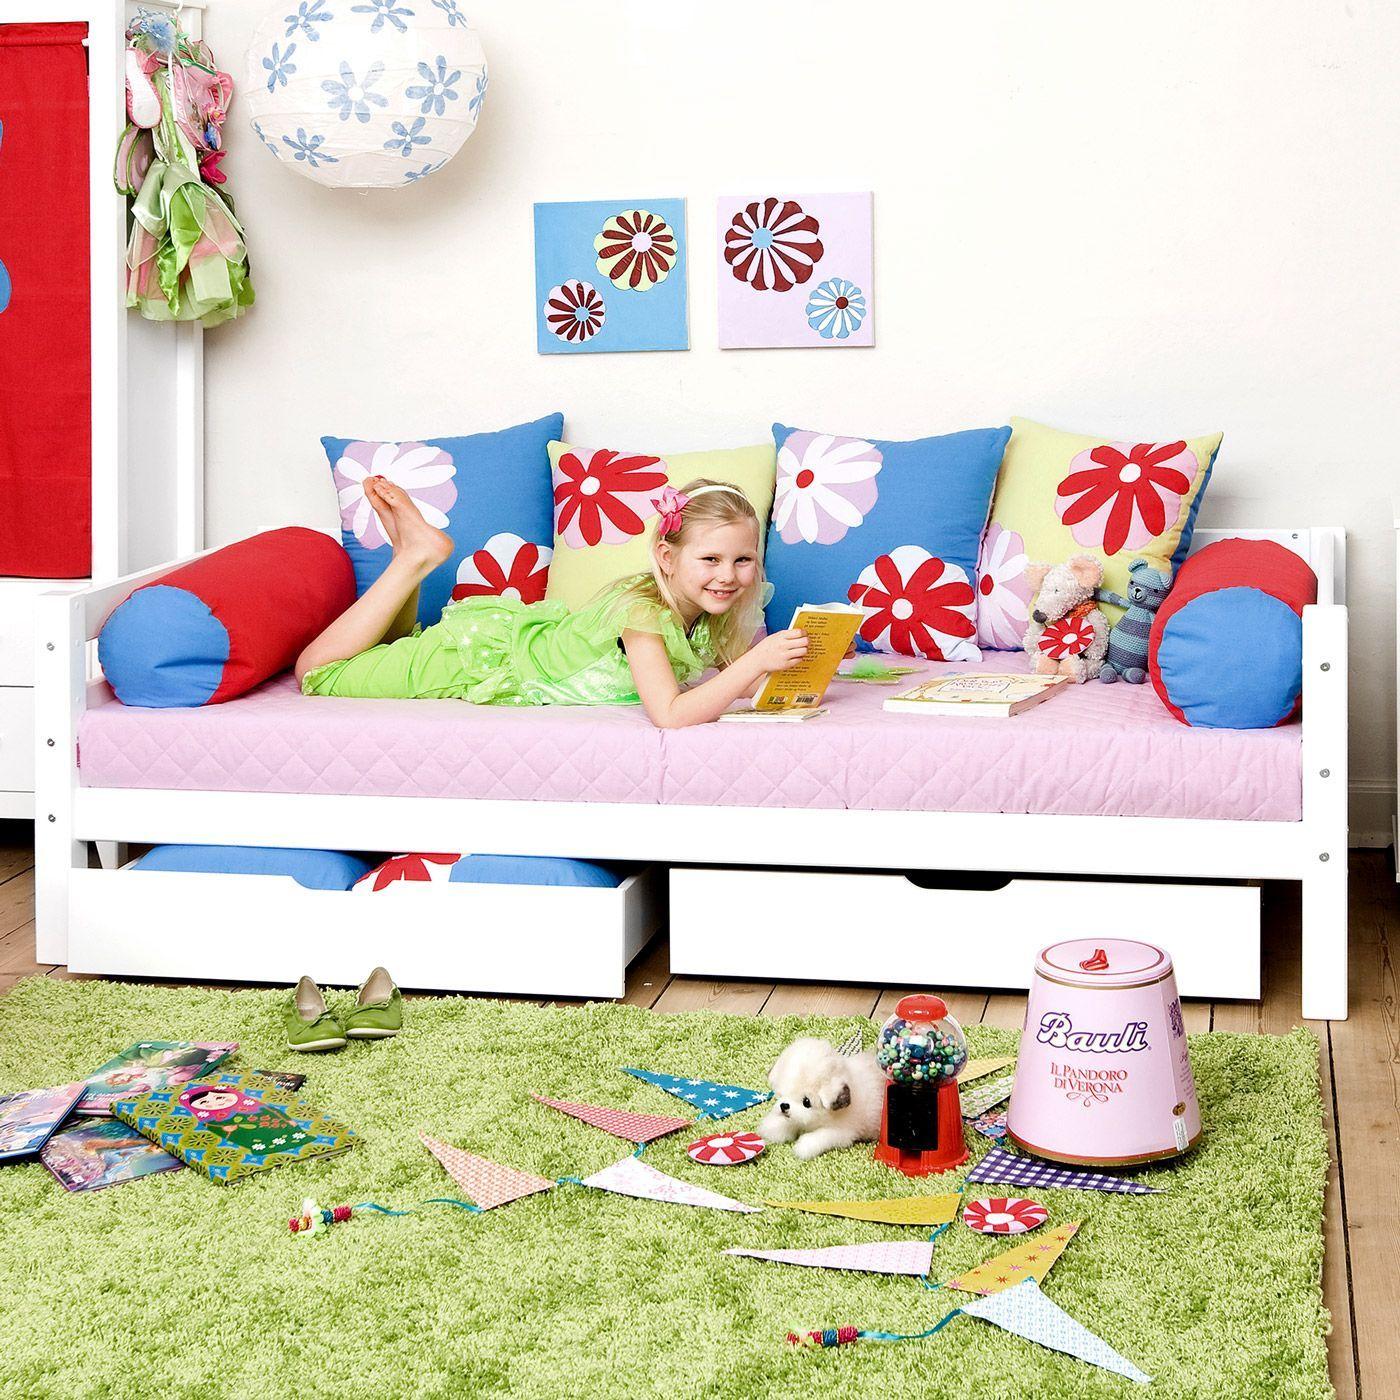 Sofabett Aus Kiefer Weiß Lackiert 90x200 Kids Royalty